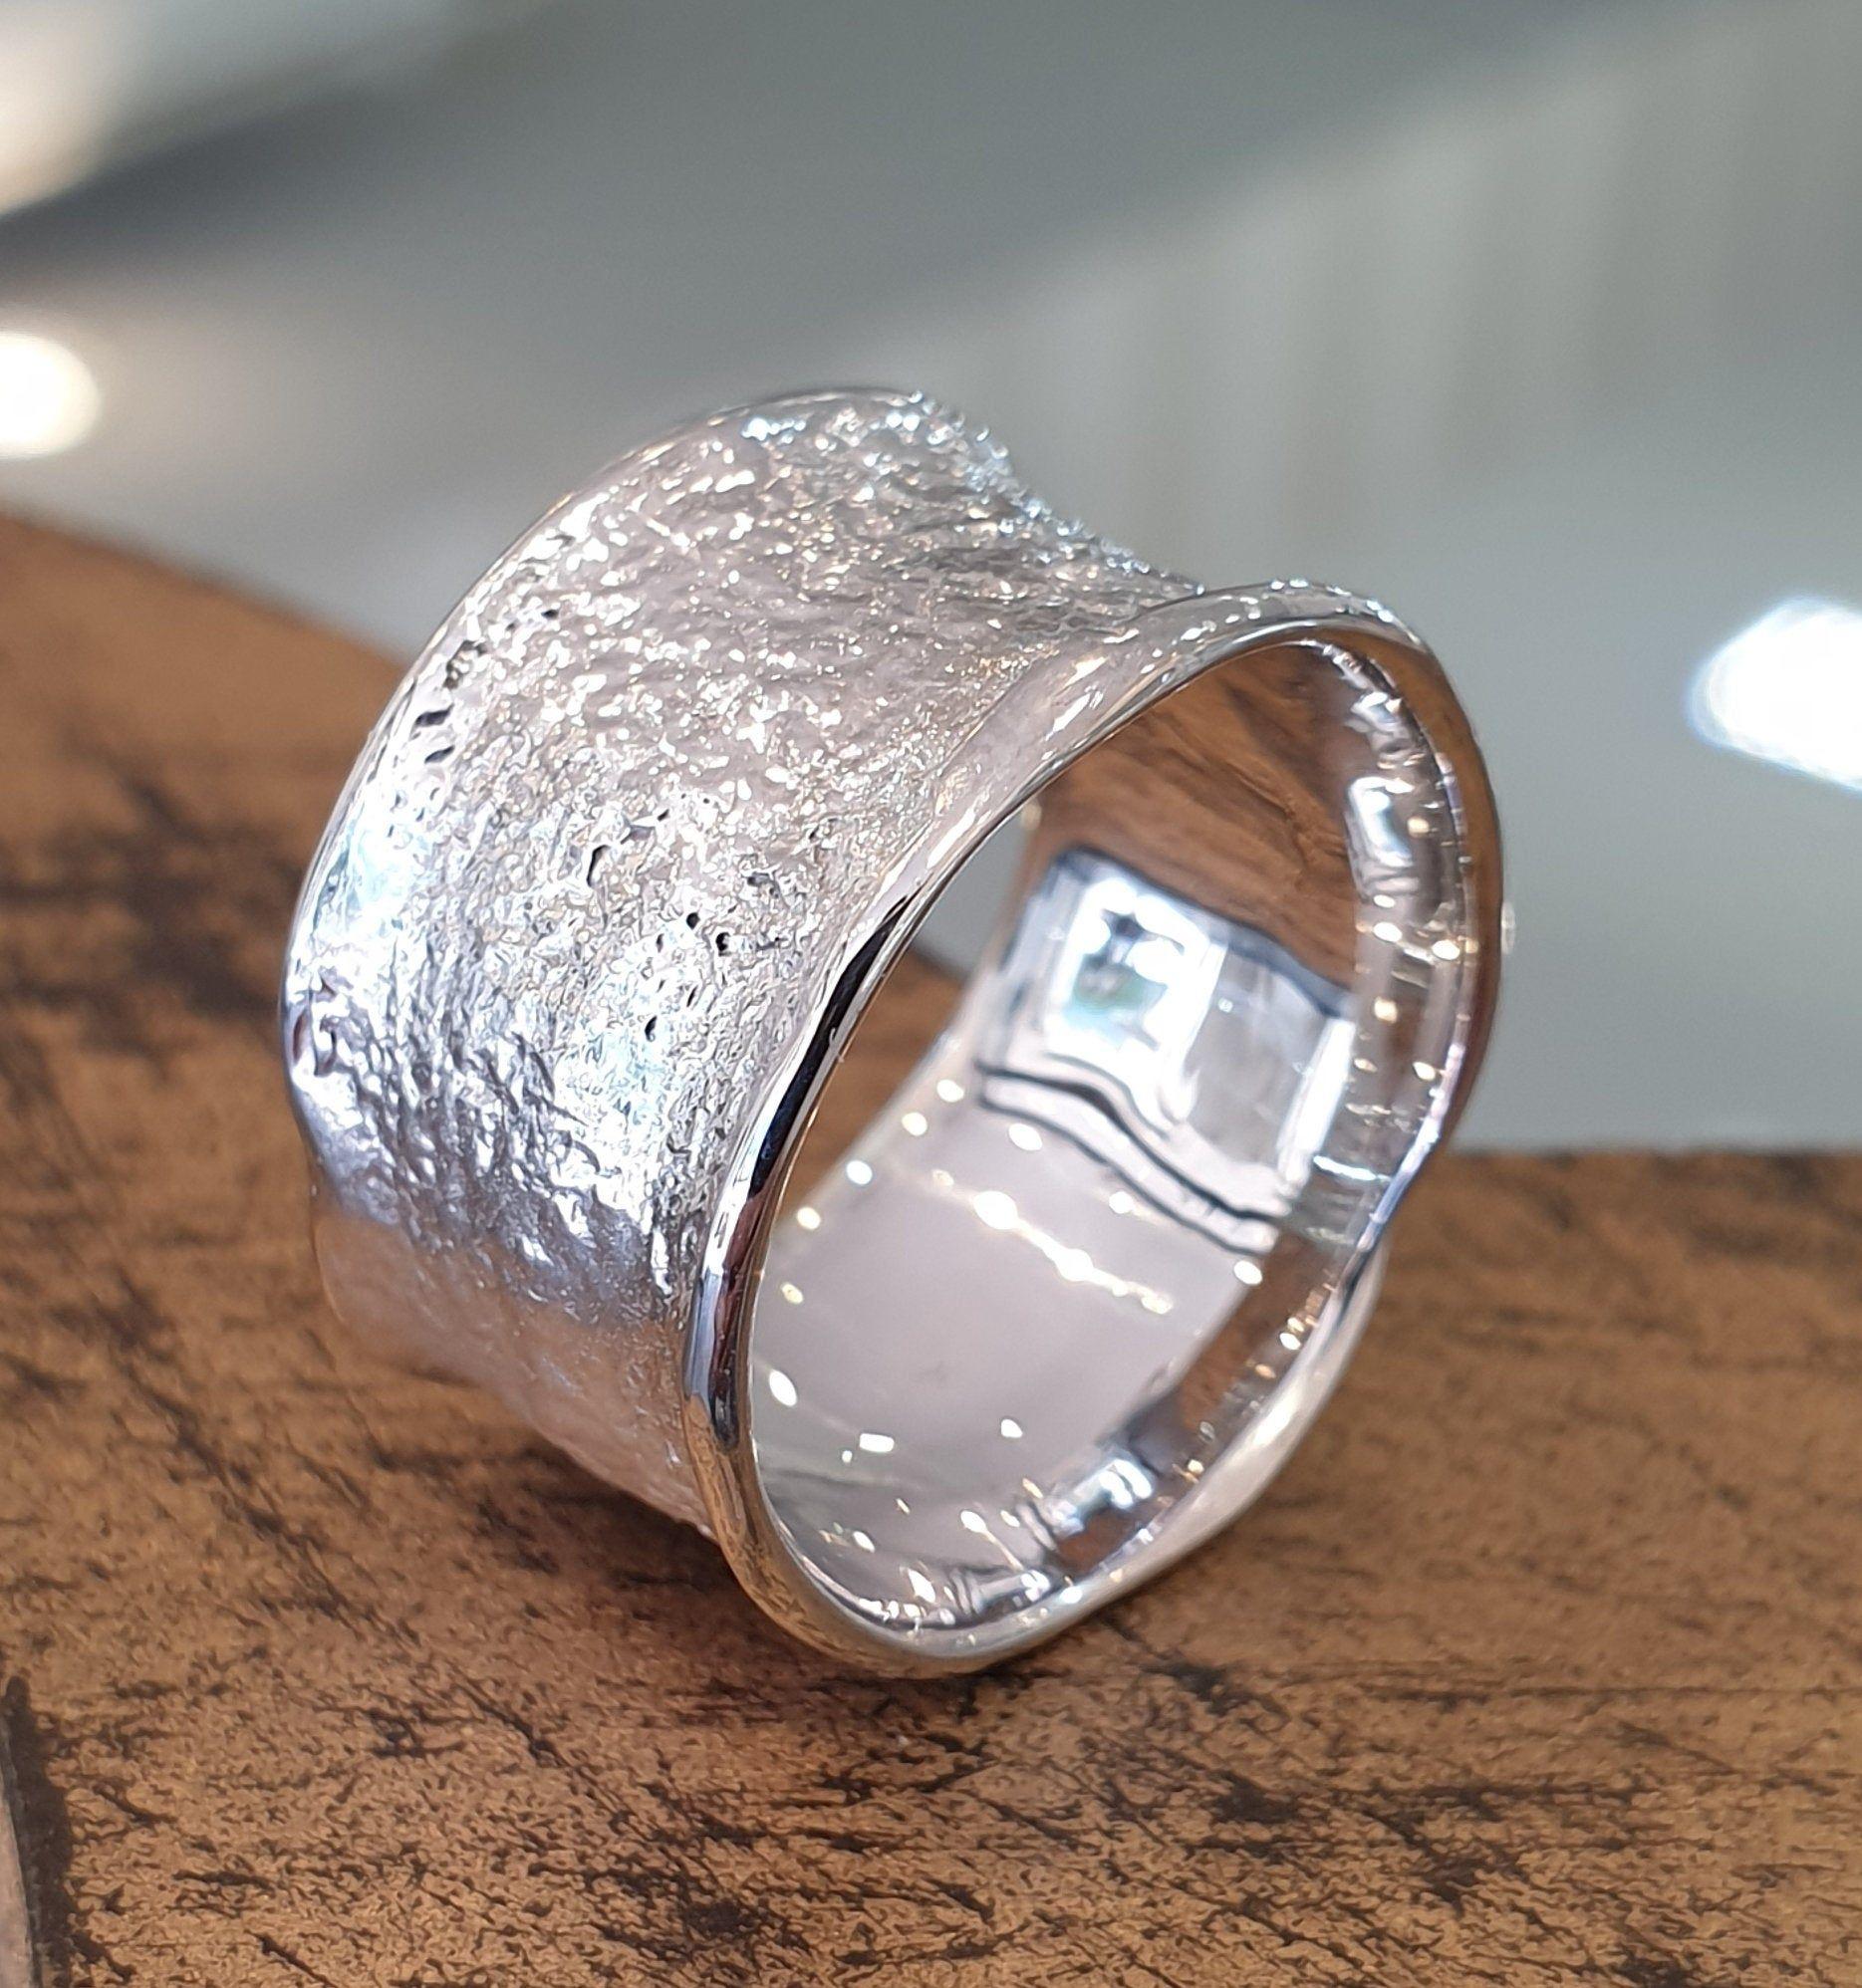 19+ Unique wedding rings for ladies ideas in 2021